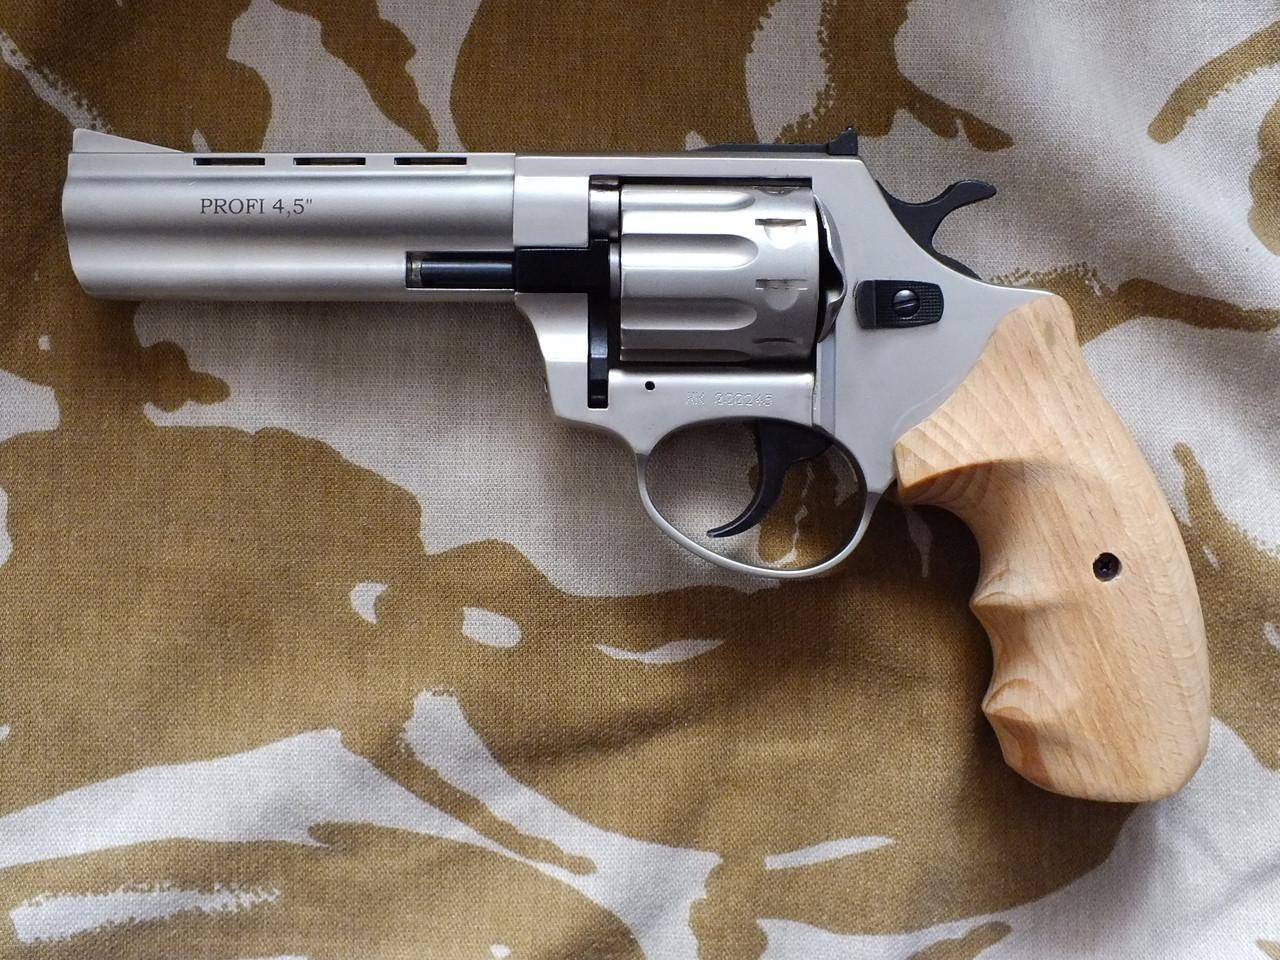 Револьвер под патрон Флобера Profi 4.5'' Satin с деревянной рукоятью